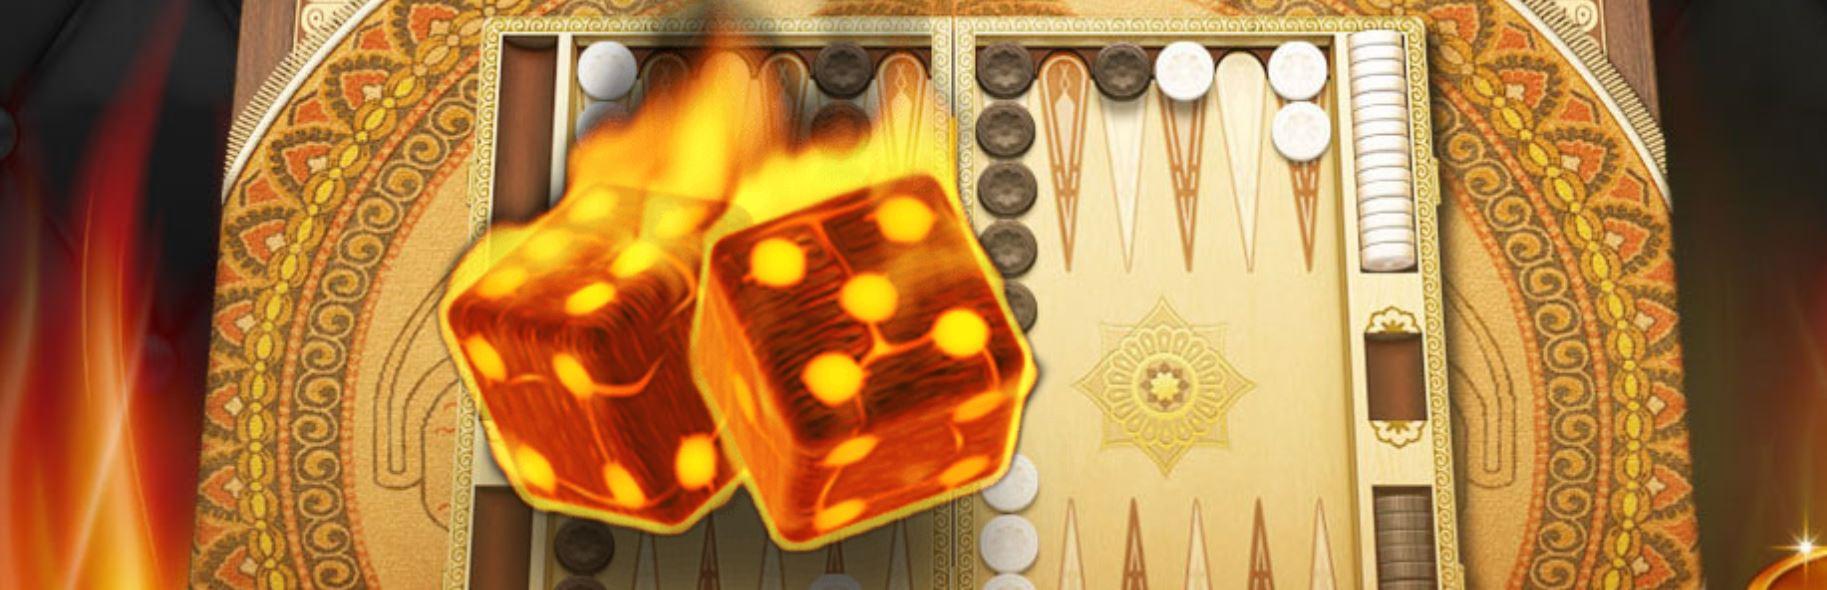 Existen muchos juegos online que se basan en el backgammon.